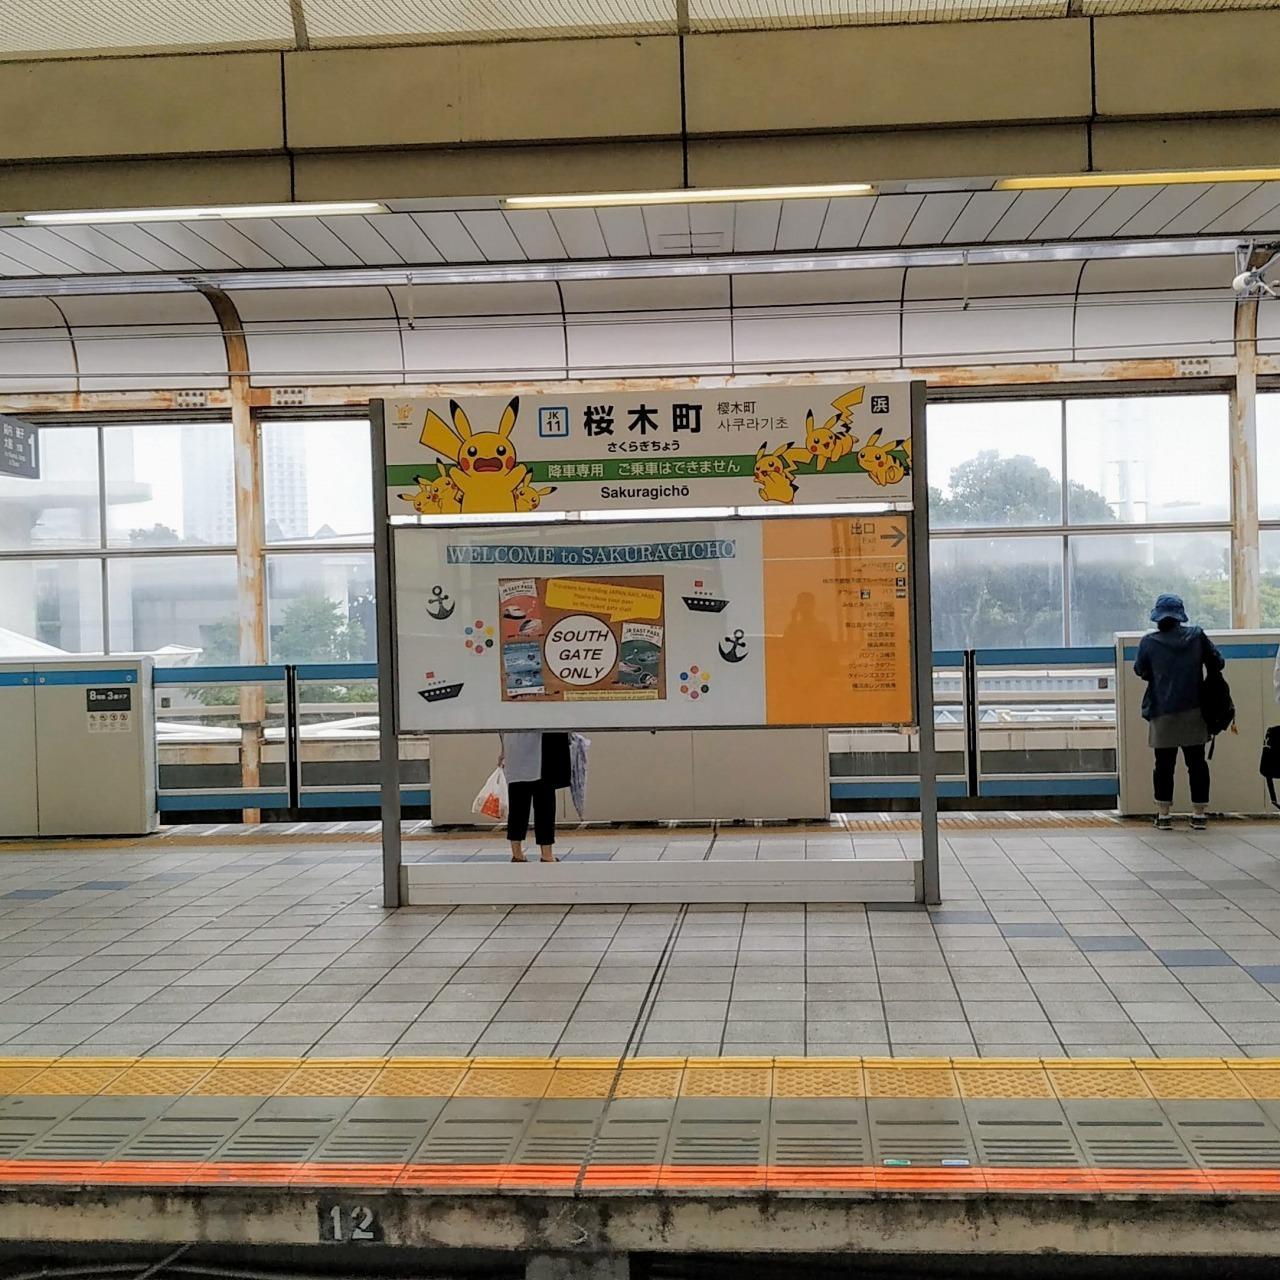 桜木町駅 駅名標ピカチュウ全体